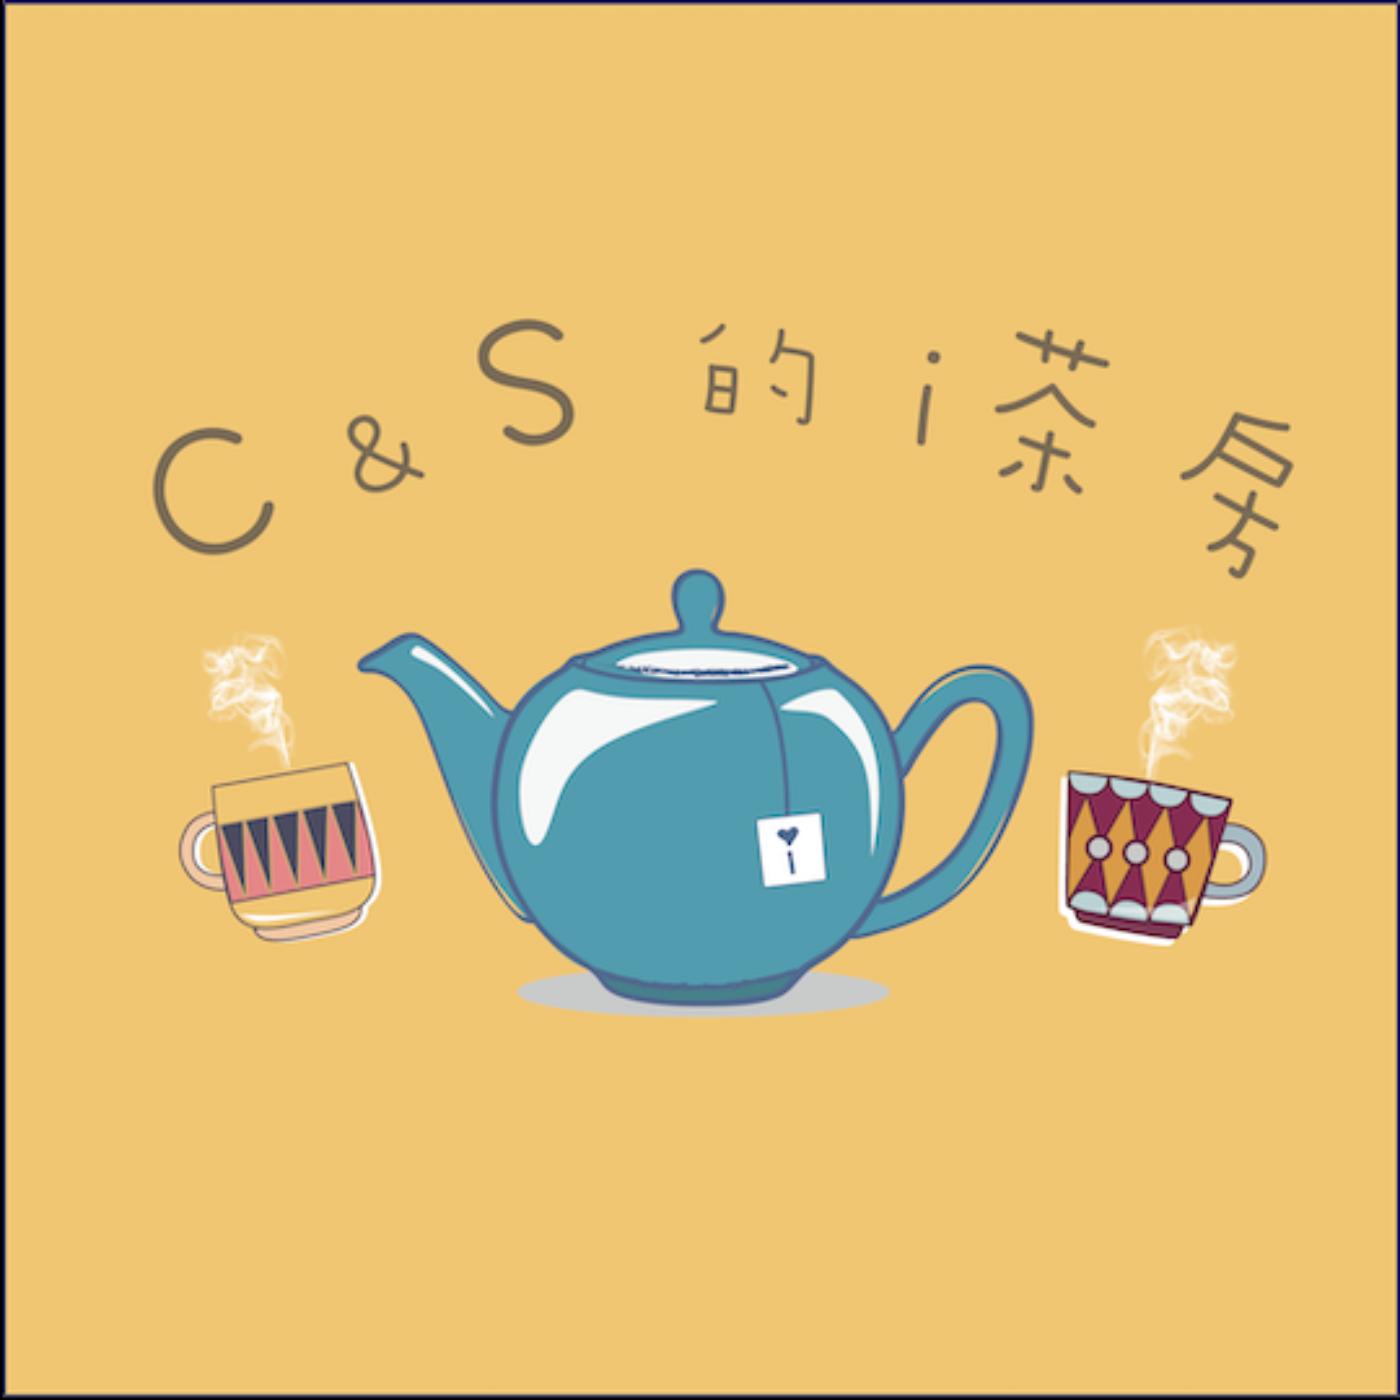 C&S的i茶坊37_大阪美食、漫步風情*溫馨提醒!聽這集不要餓肚子!